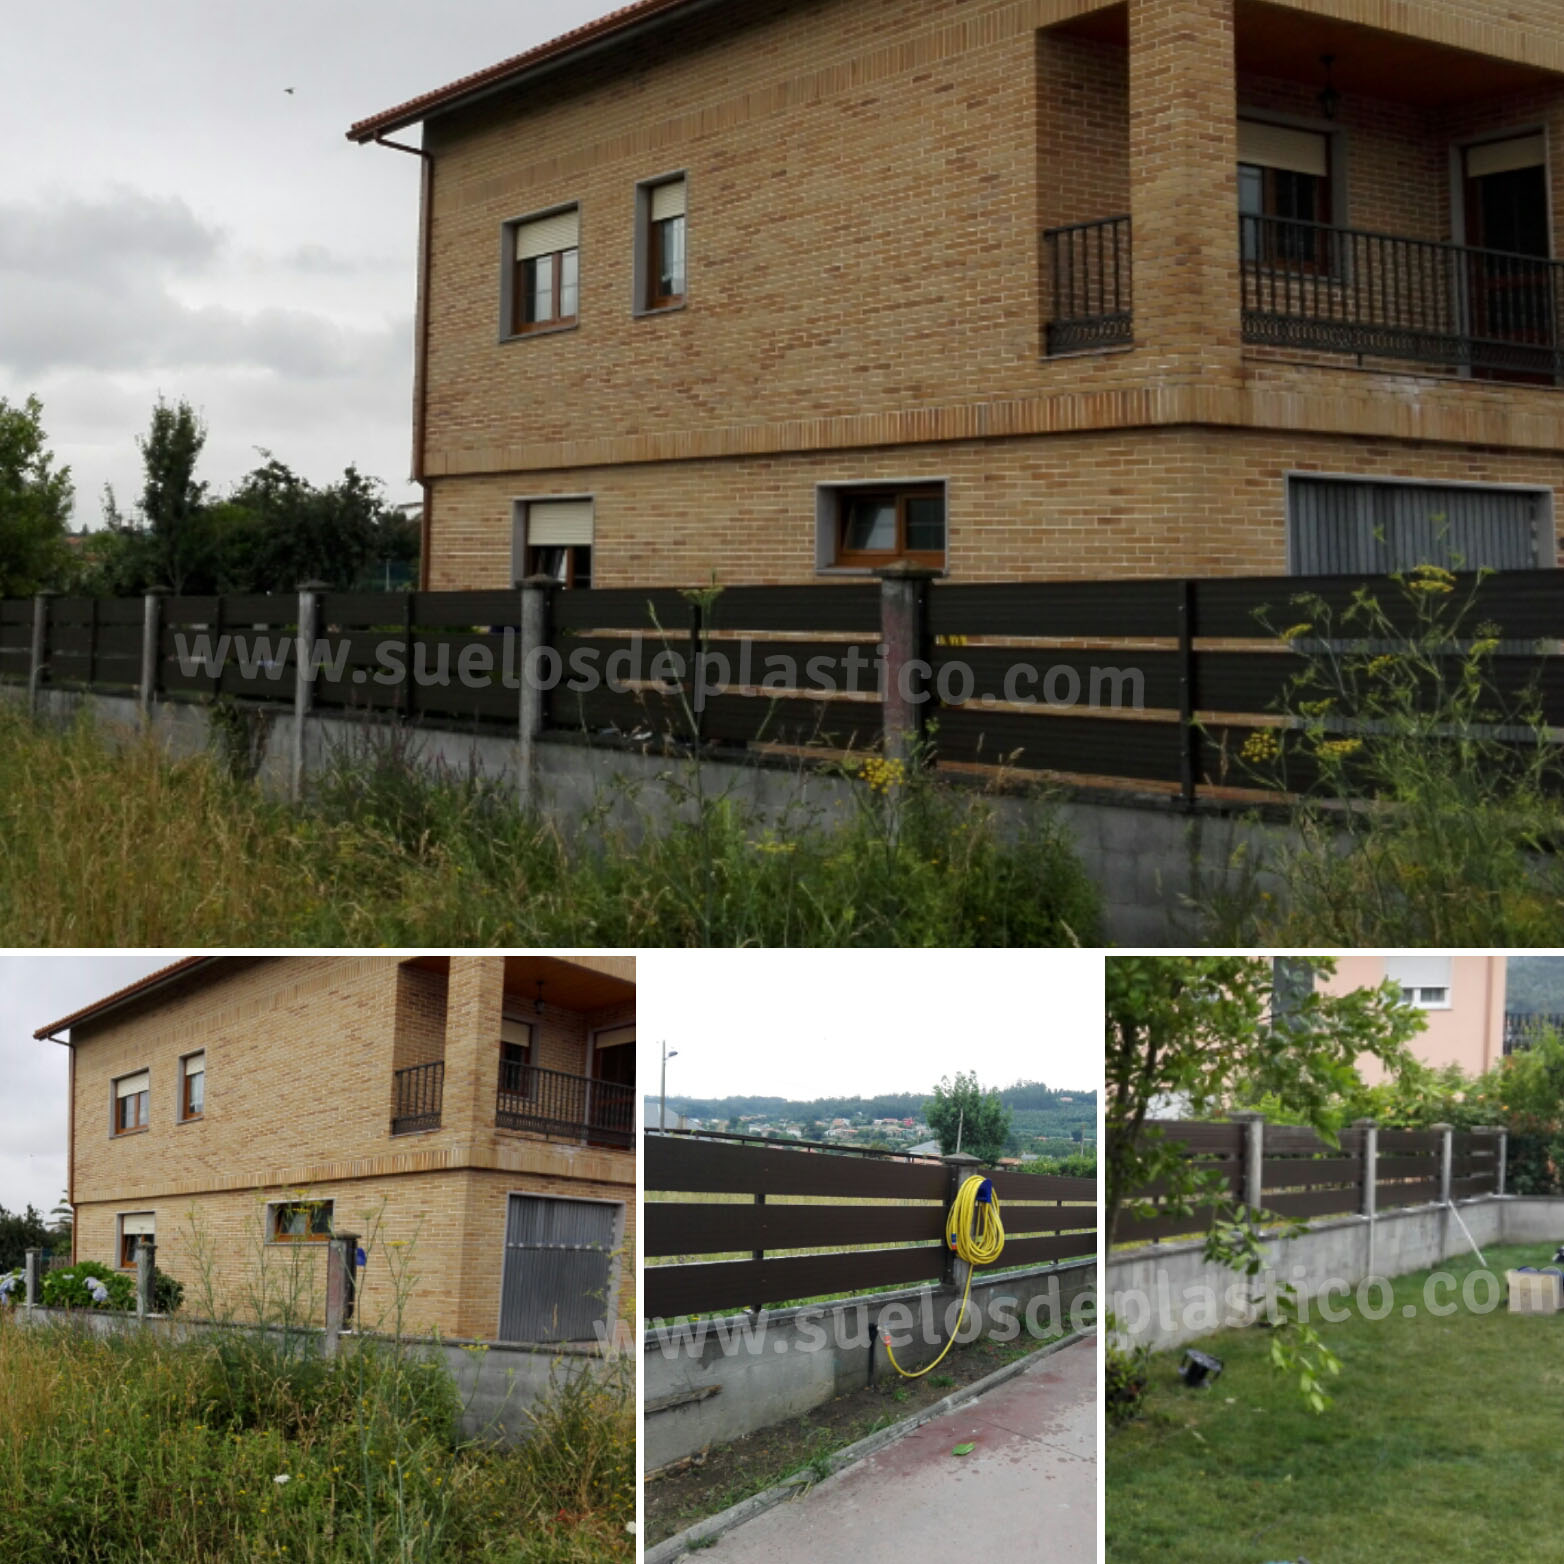 Vallas para jardines latest bonita valla madera jardin - Valla de jardin ...